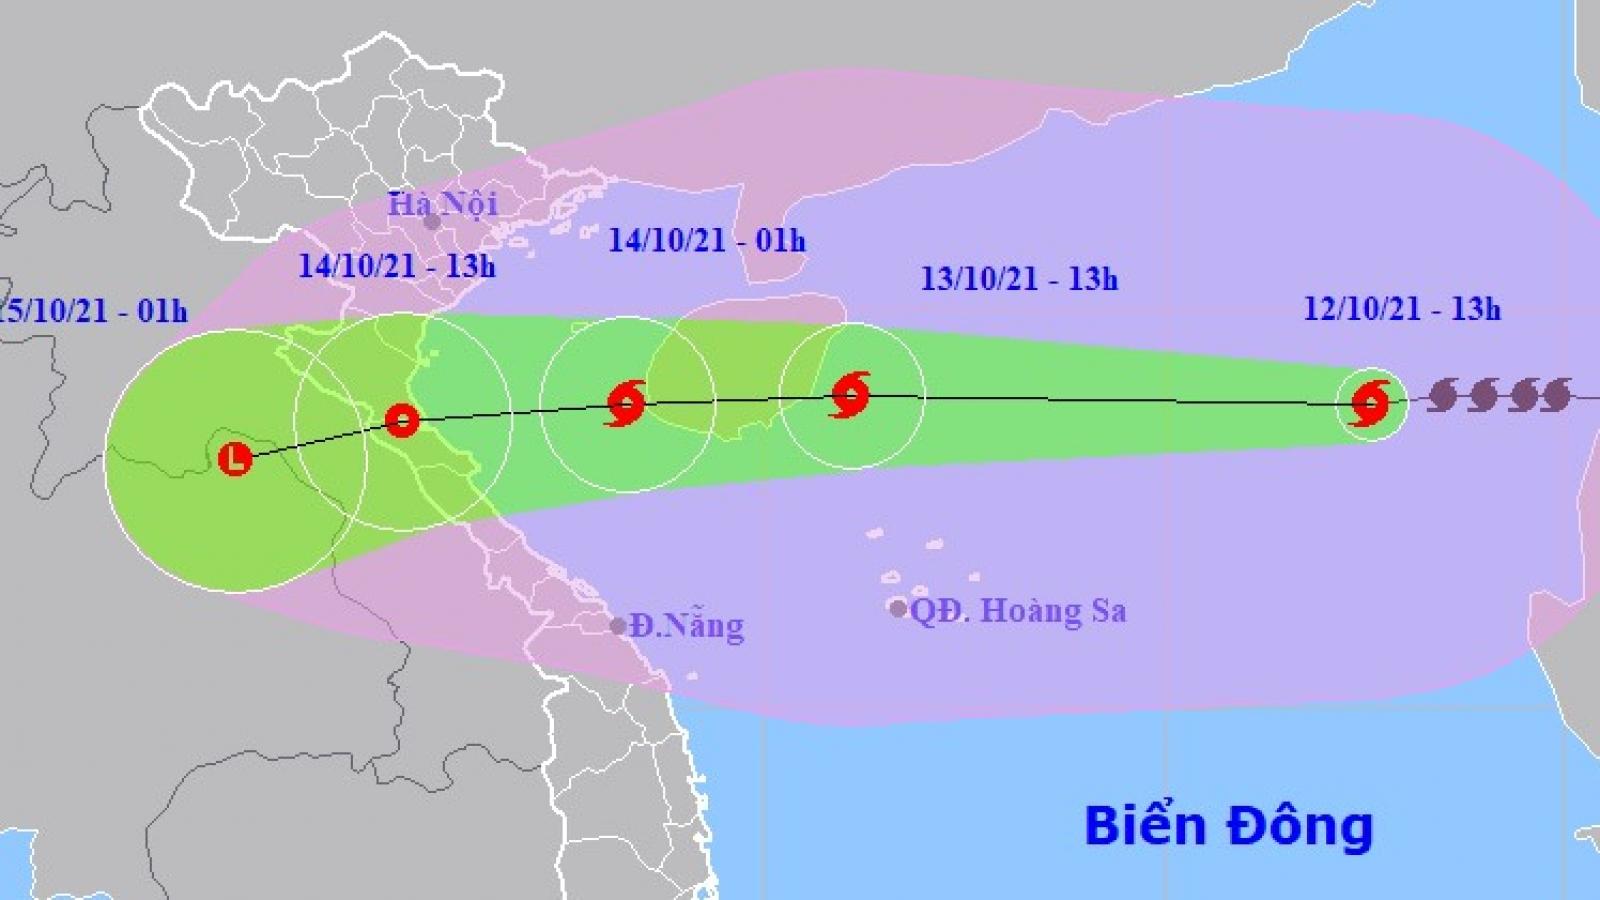 Bão số 8 cách quần đảo Hoàng Sa 610km, giật cấp 13